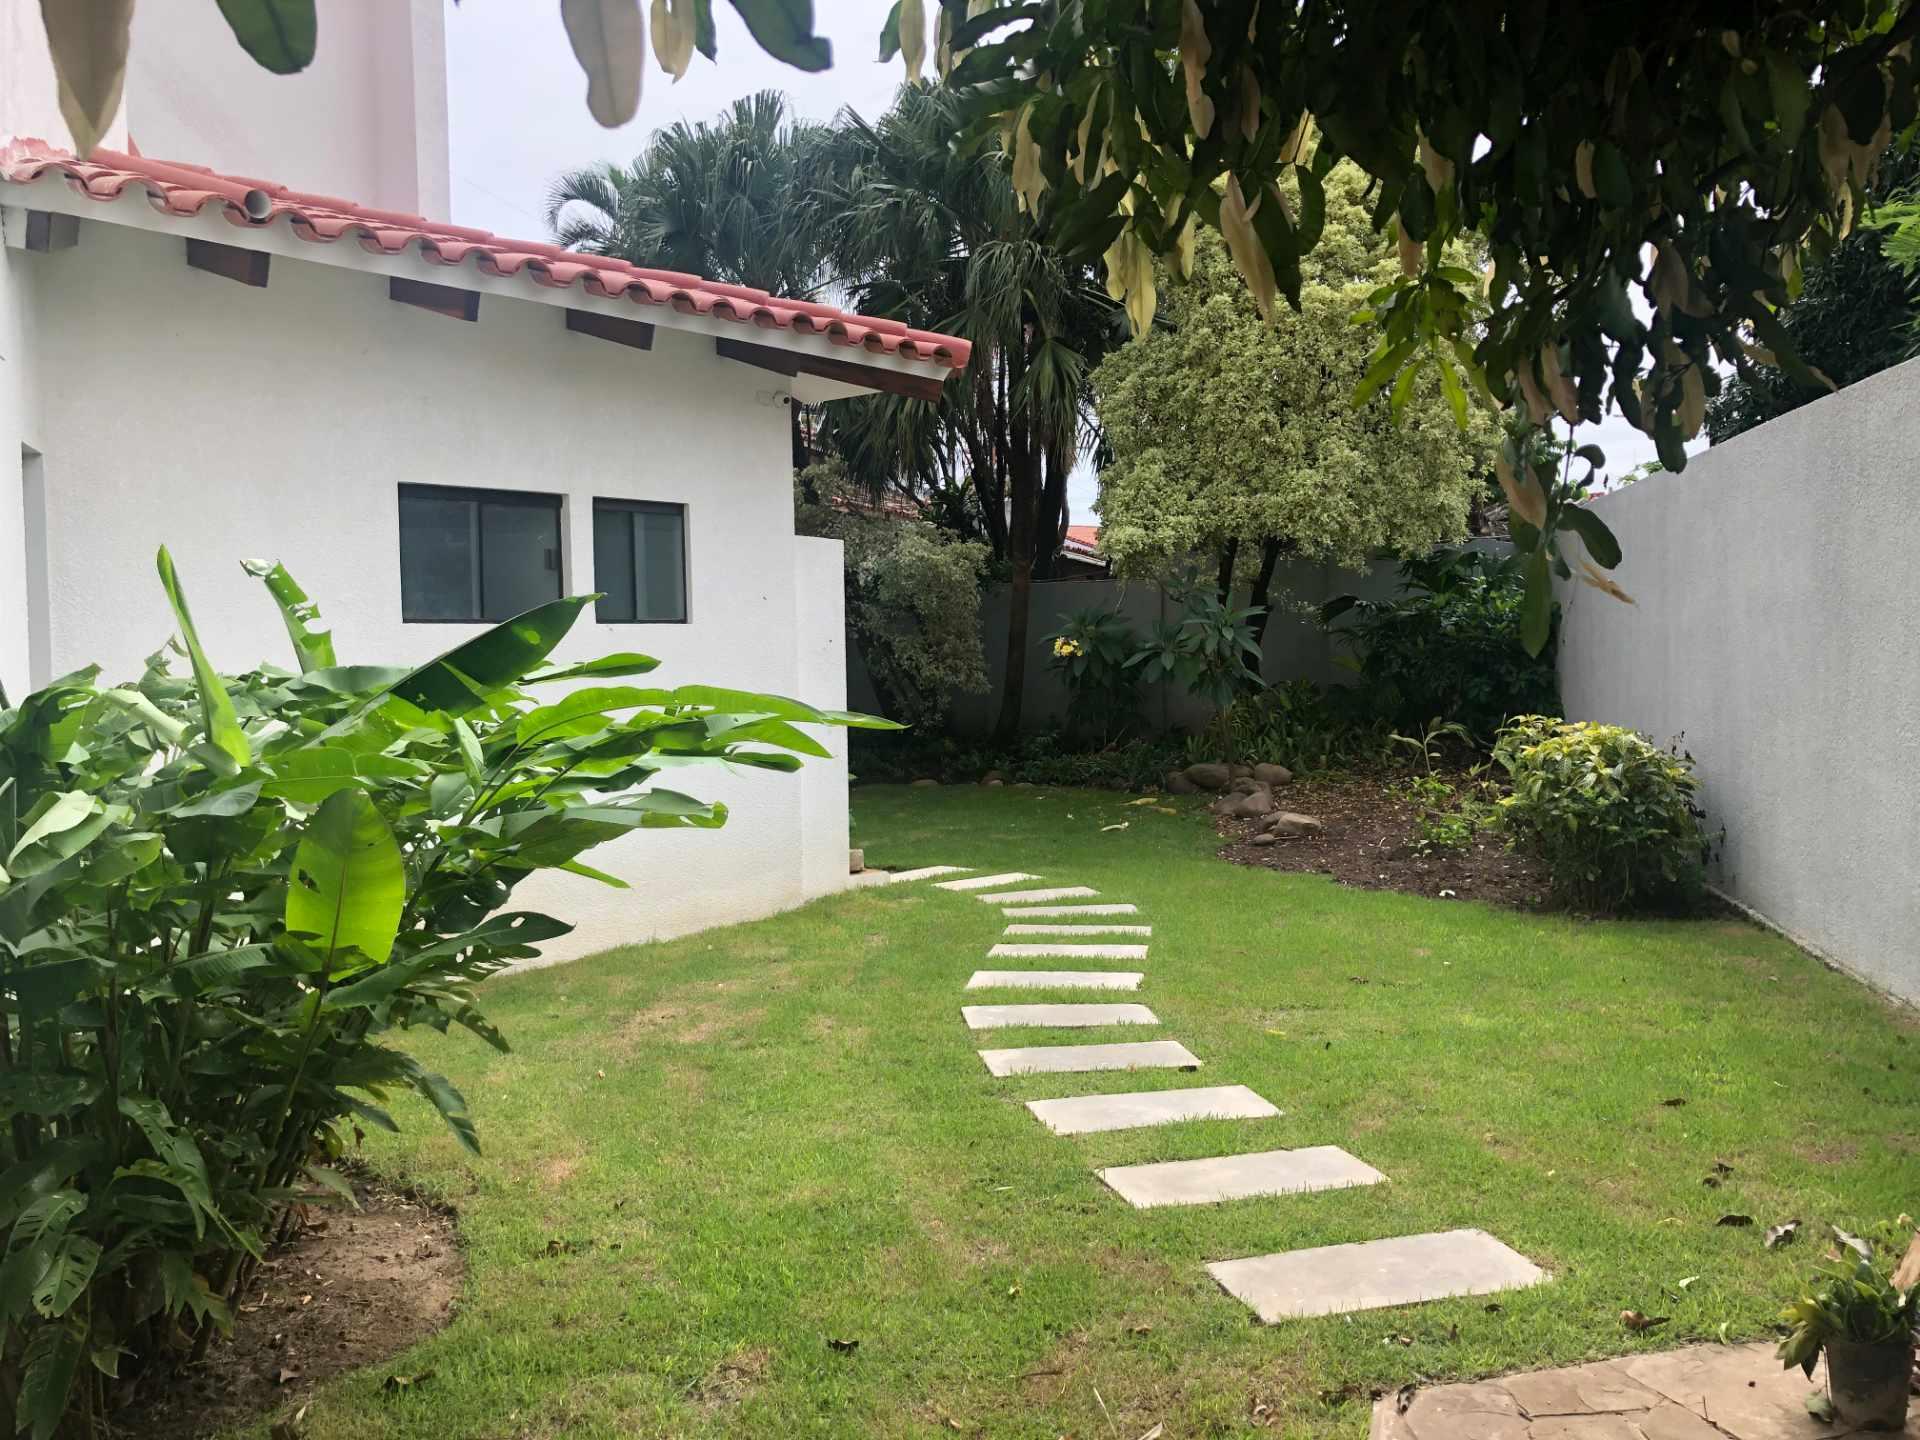 Casa en Alquiler Casa independiente ideal para vivienda + oficinas [Entre Av. Beni y Alemana, próximo a Los Cusis], Casa amplia en alquiler de 2 plantas y 5 dormitorios con dependencias [2.500$us.] Foto 17